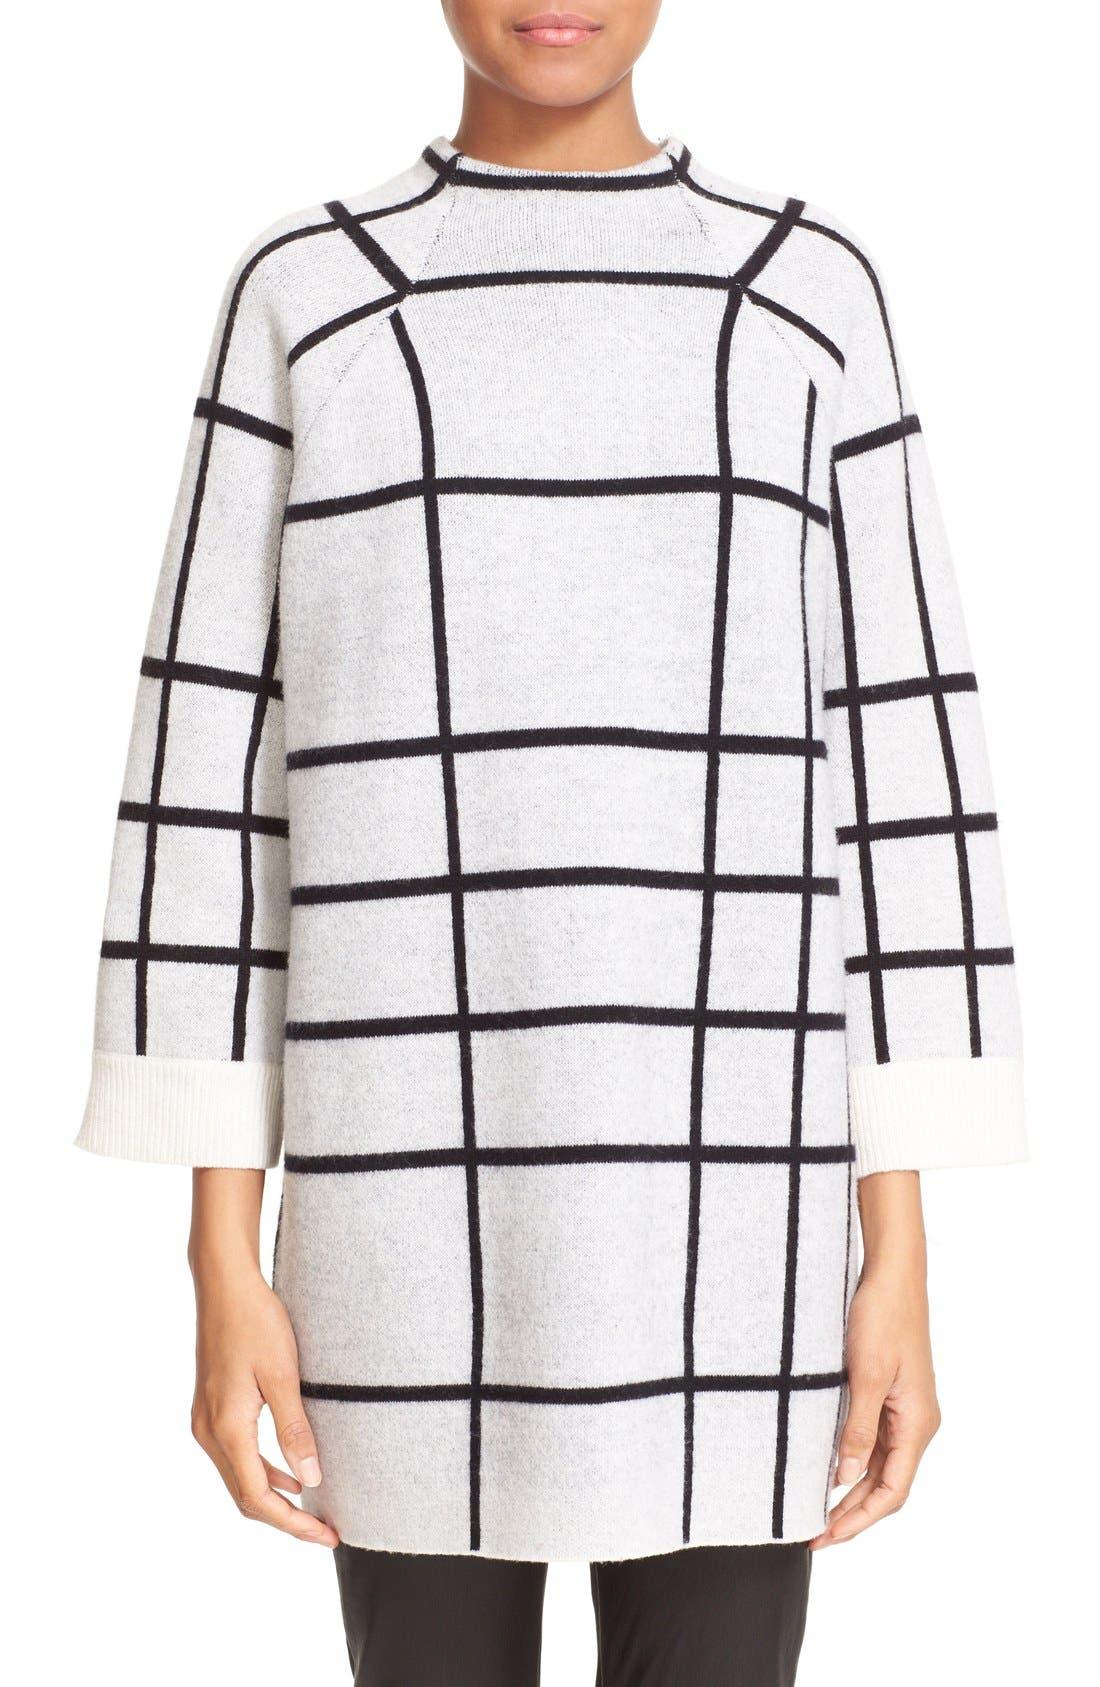 'Mallori' Merino Wool Tunic, Main, color, 900